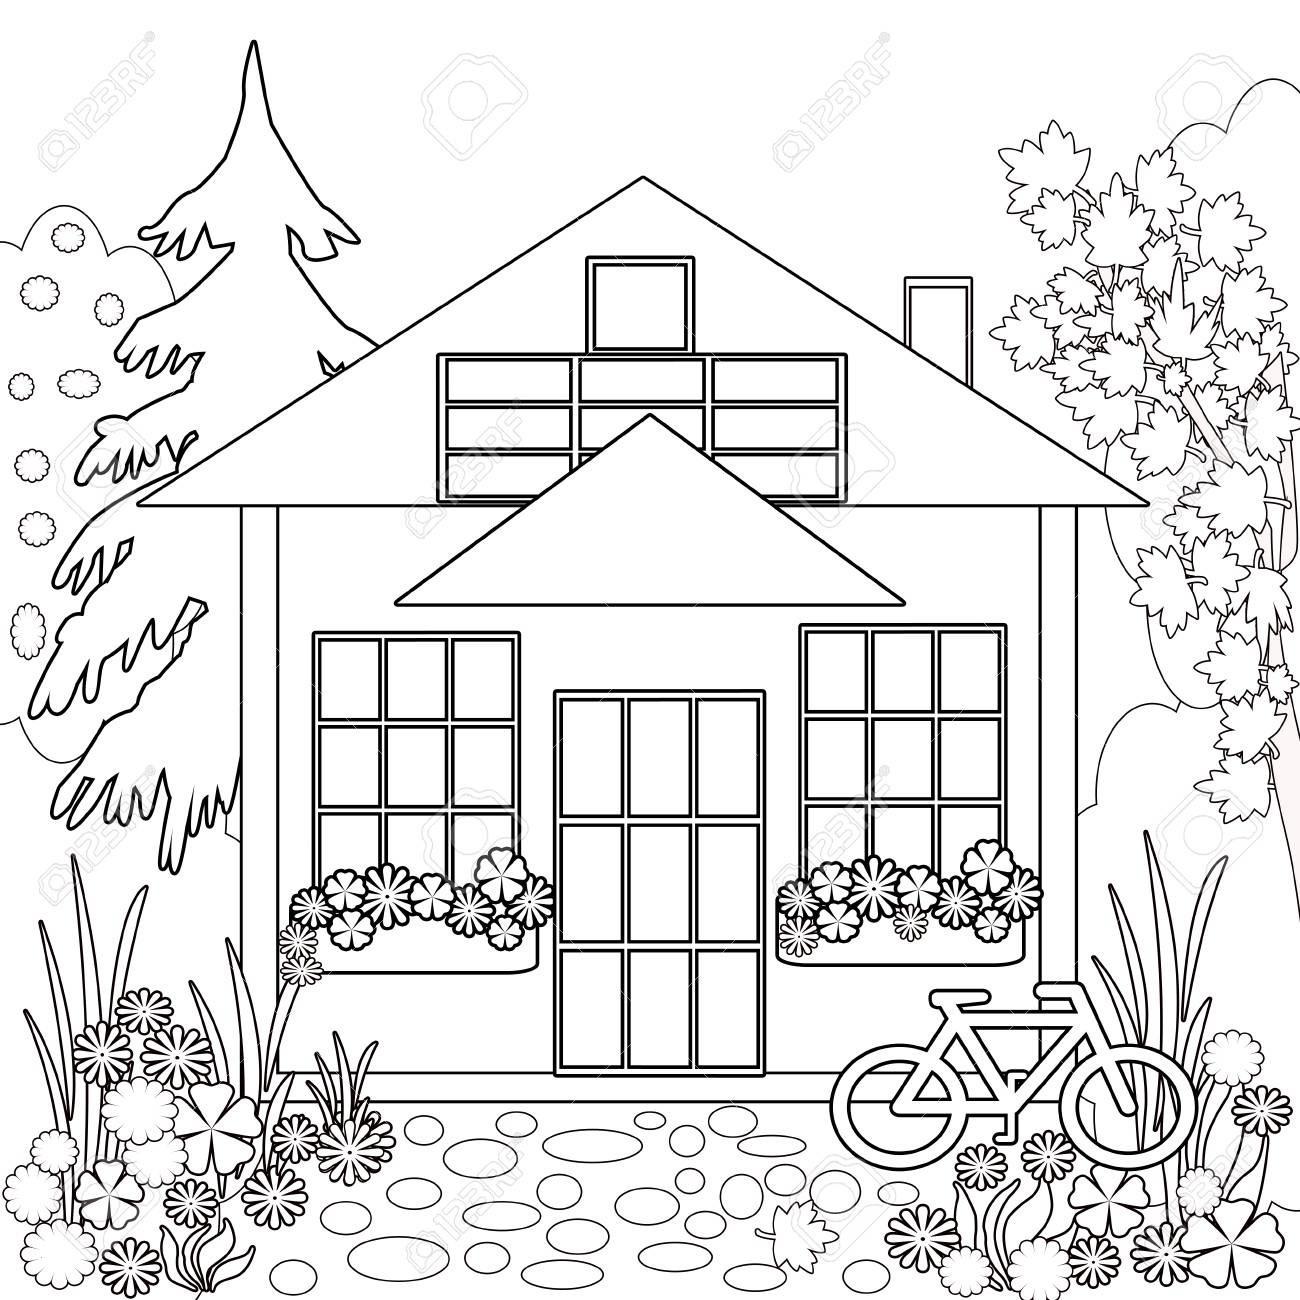 Haus Mit Garten Ausmalbild Neu Ausmalbilder Ben Und Holly Genial Christmas Coloring Pages Uk Frisch Galerie